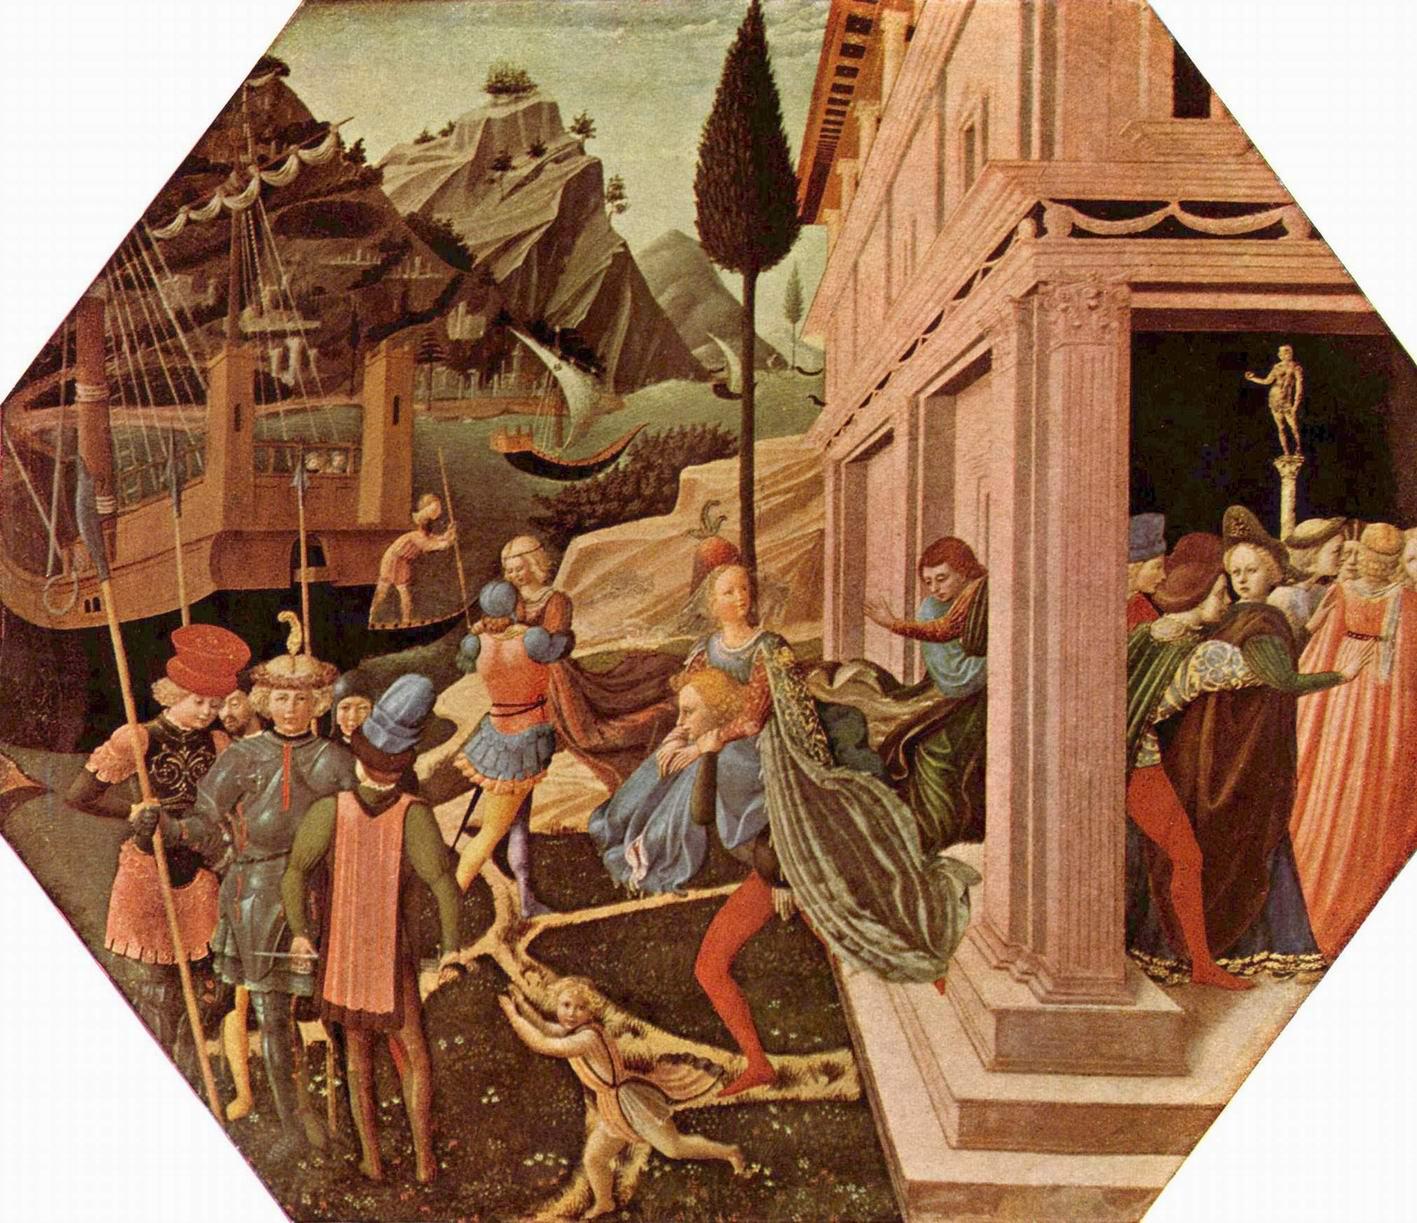 Похищение Елены, Гоццоли Беноццо